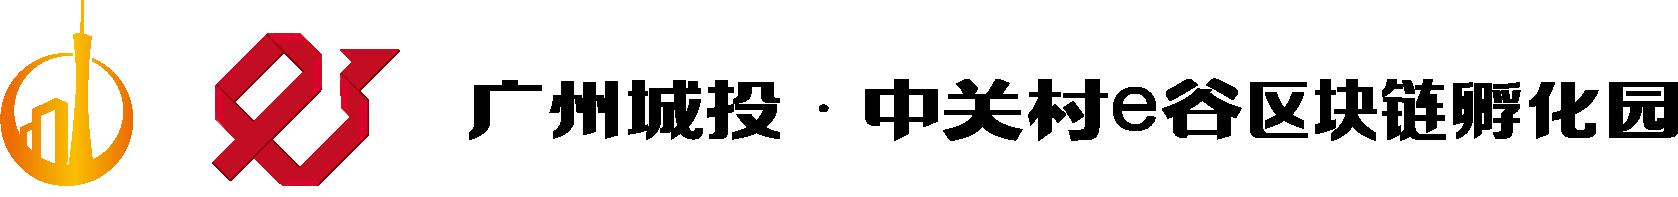 广州城投·中关村e谷区块链孵化园